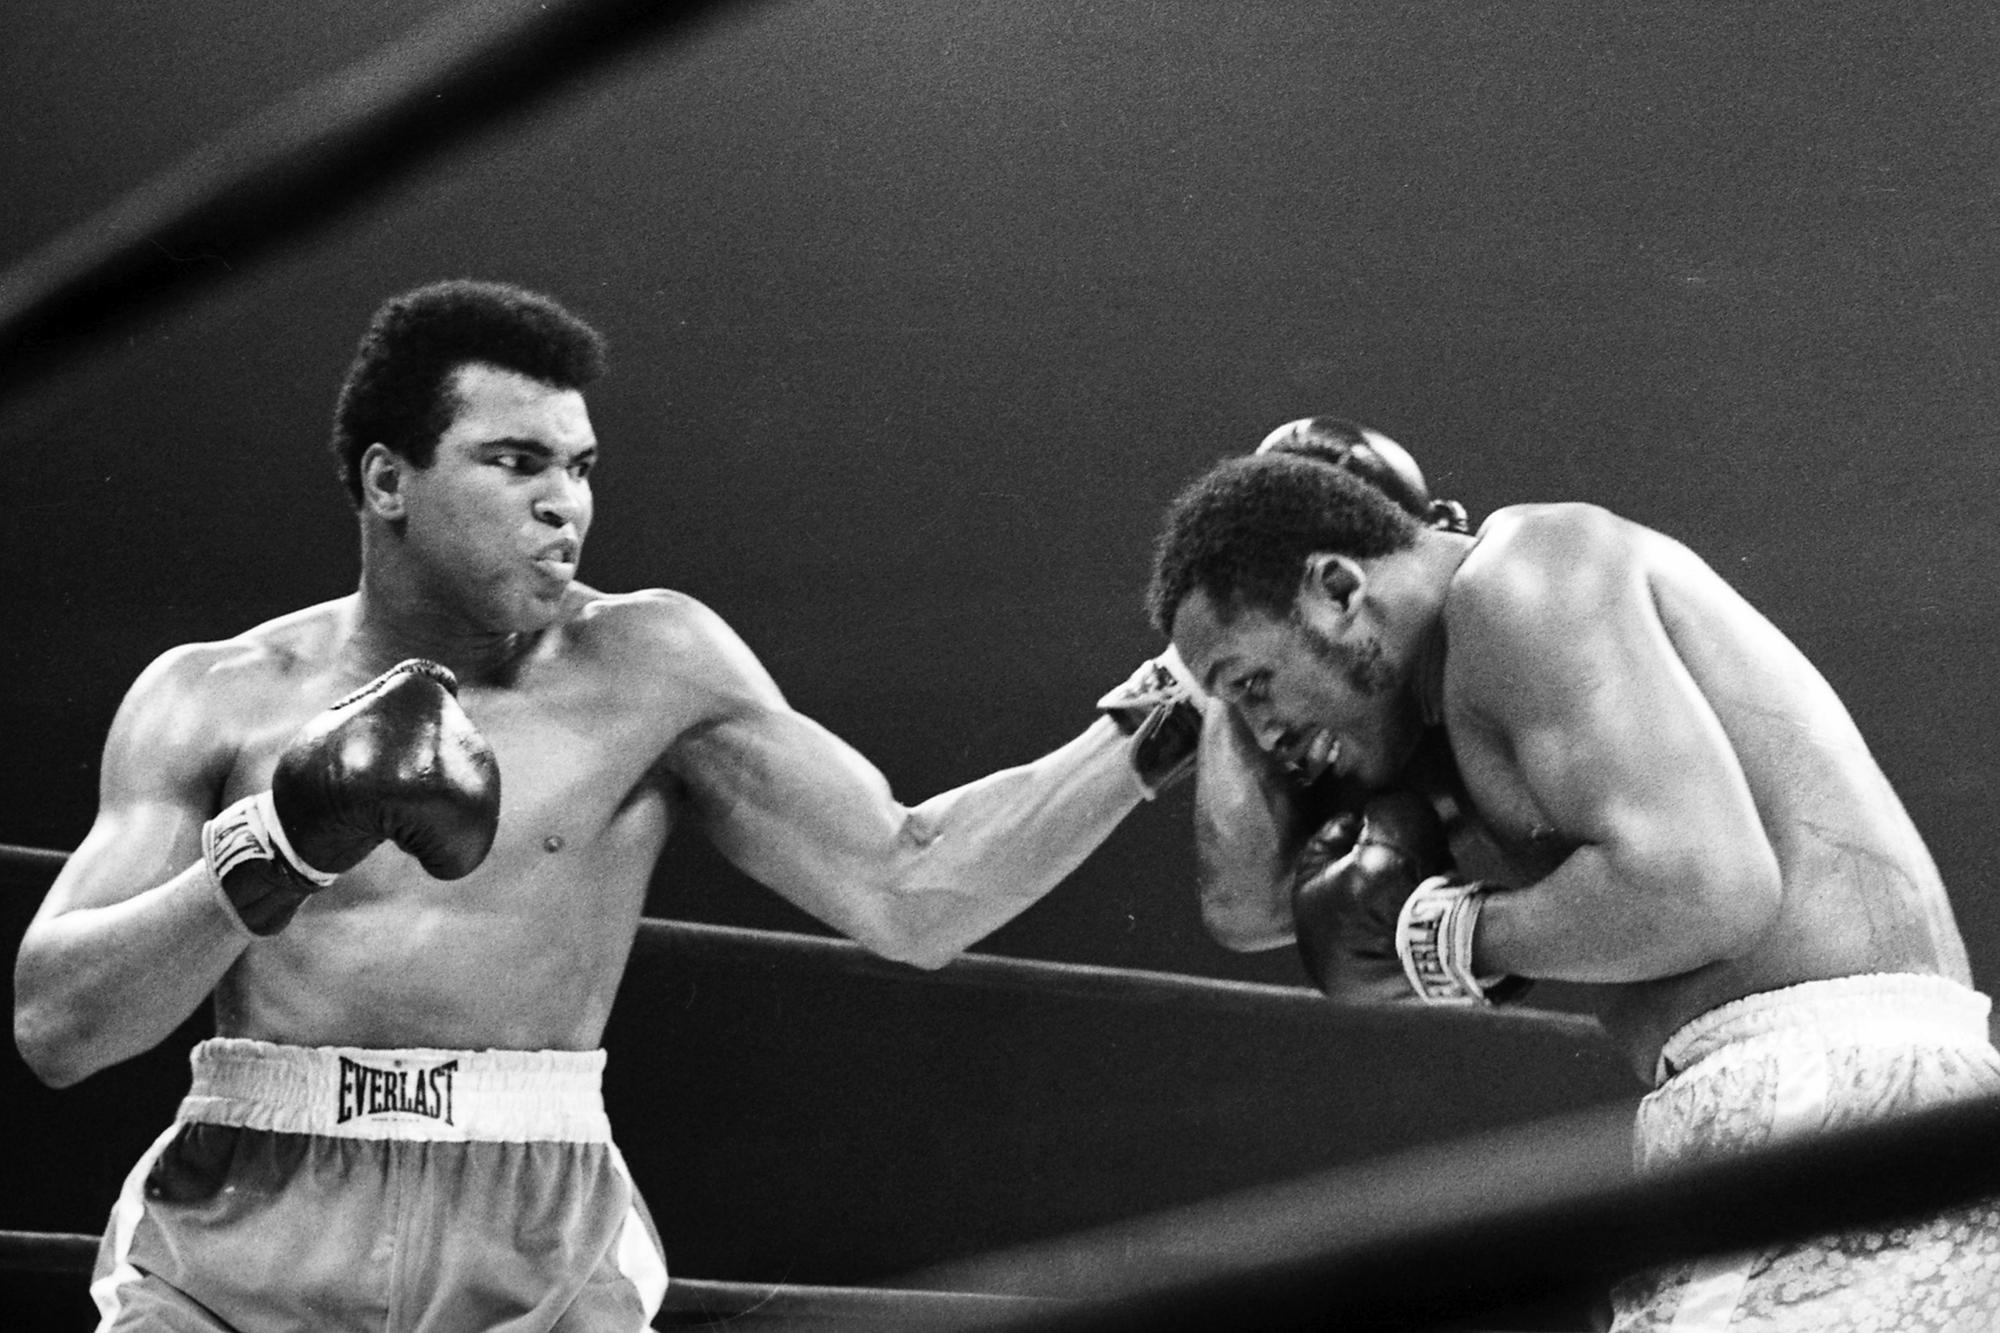 Muhammad Ali v Joe Frazier